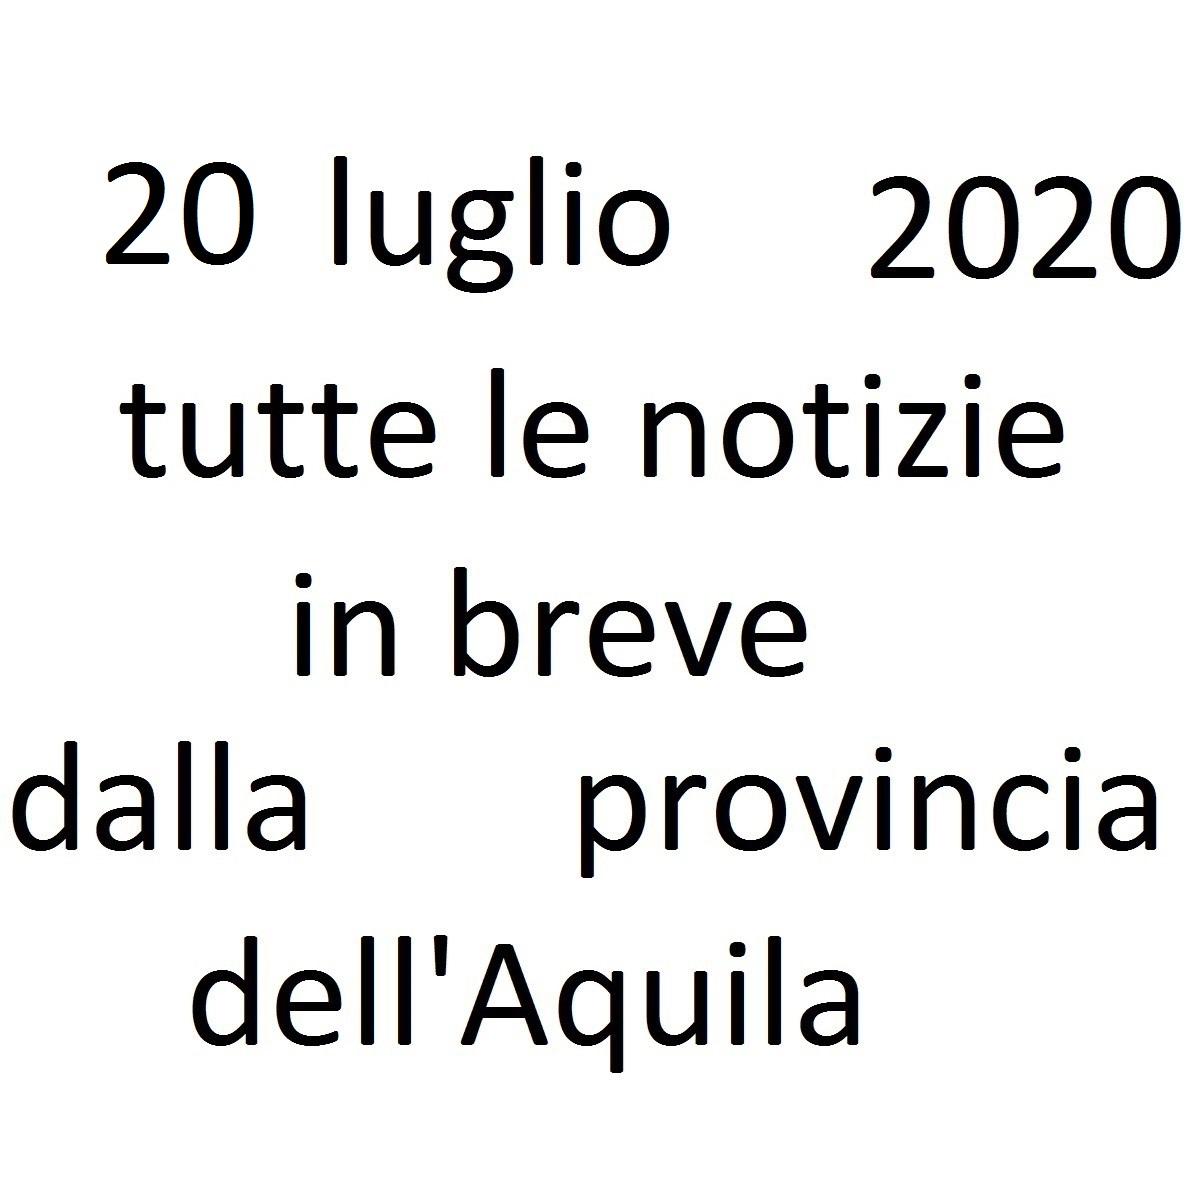 20 luglio 2020 notizie in breve dalla Provincia dell'Aquila foto